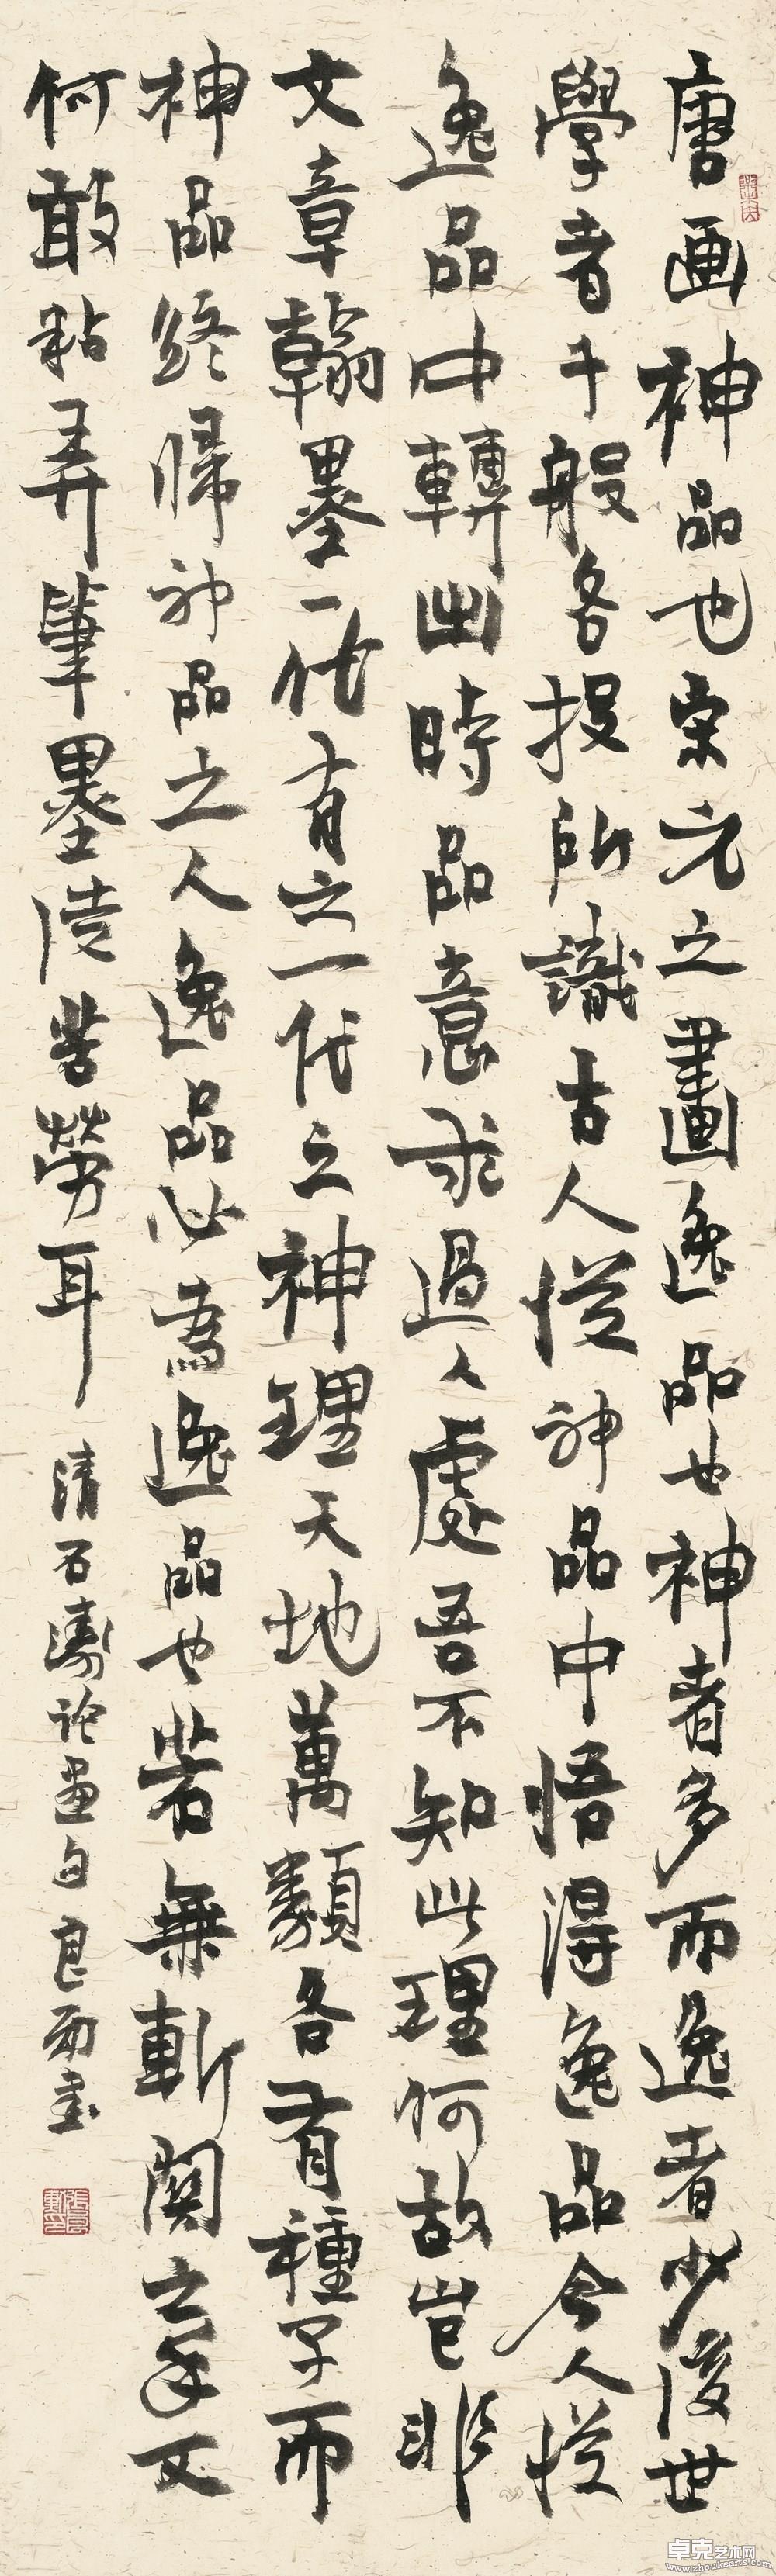 石涛论画句 行书